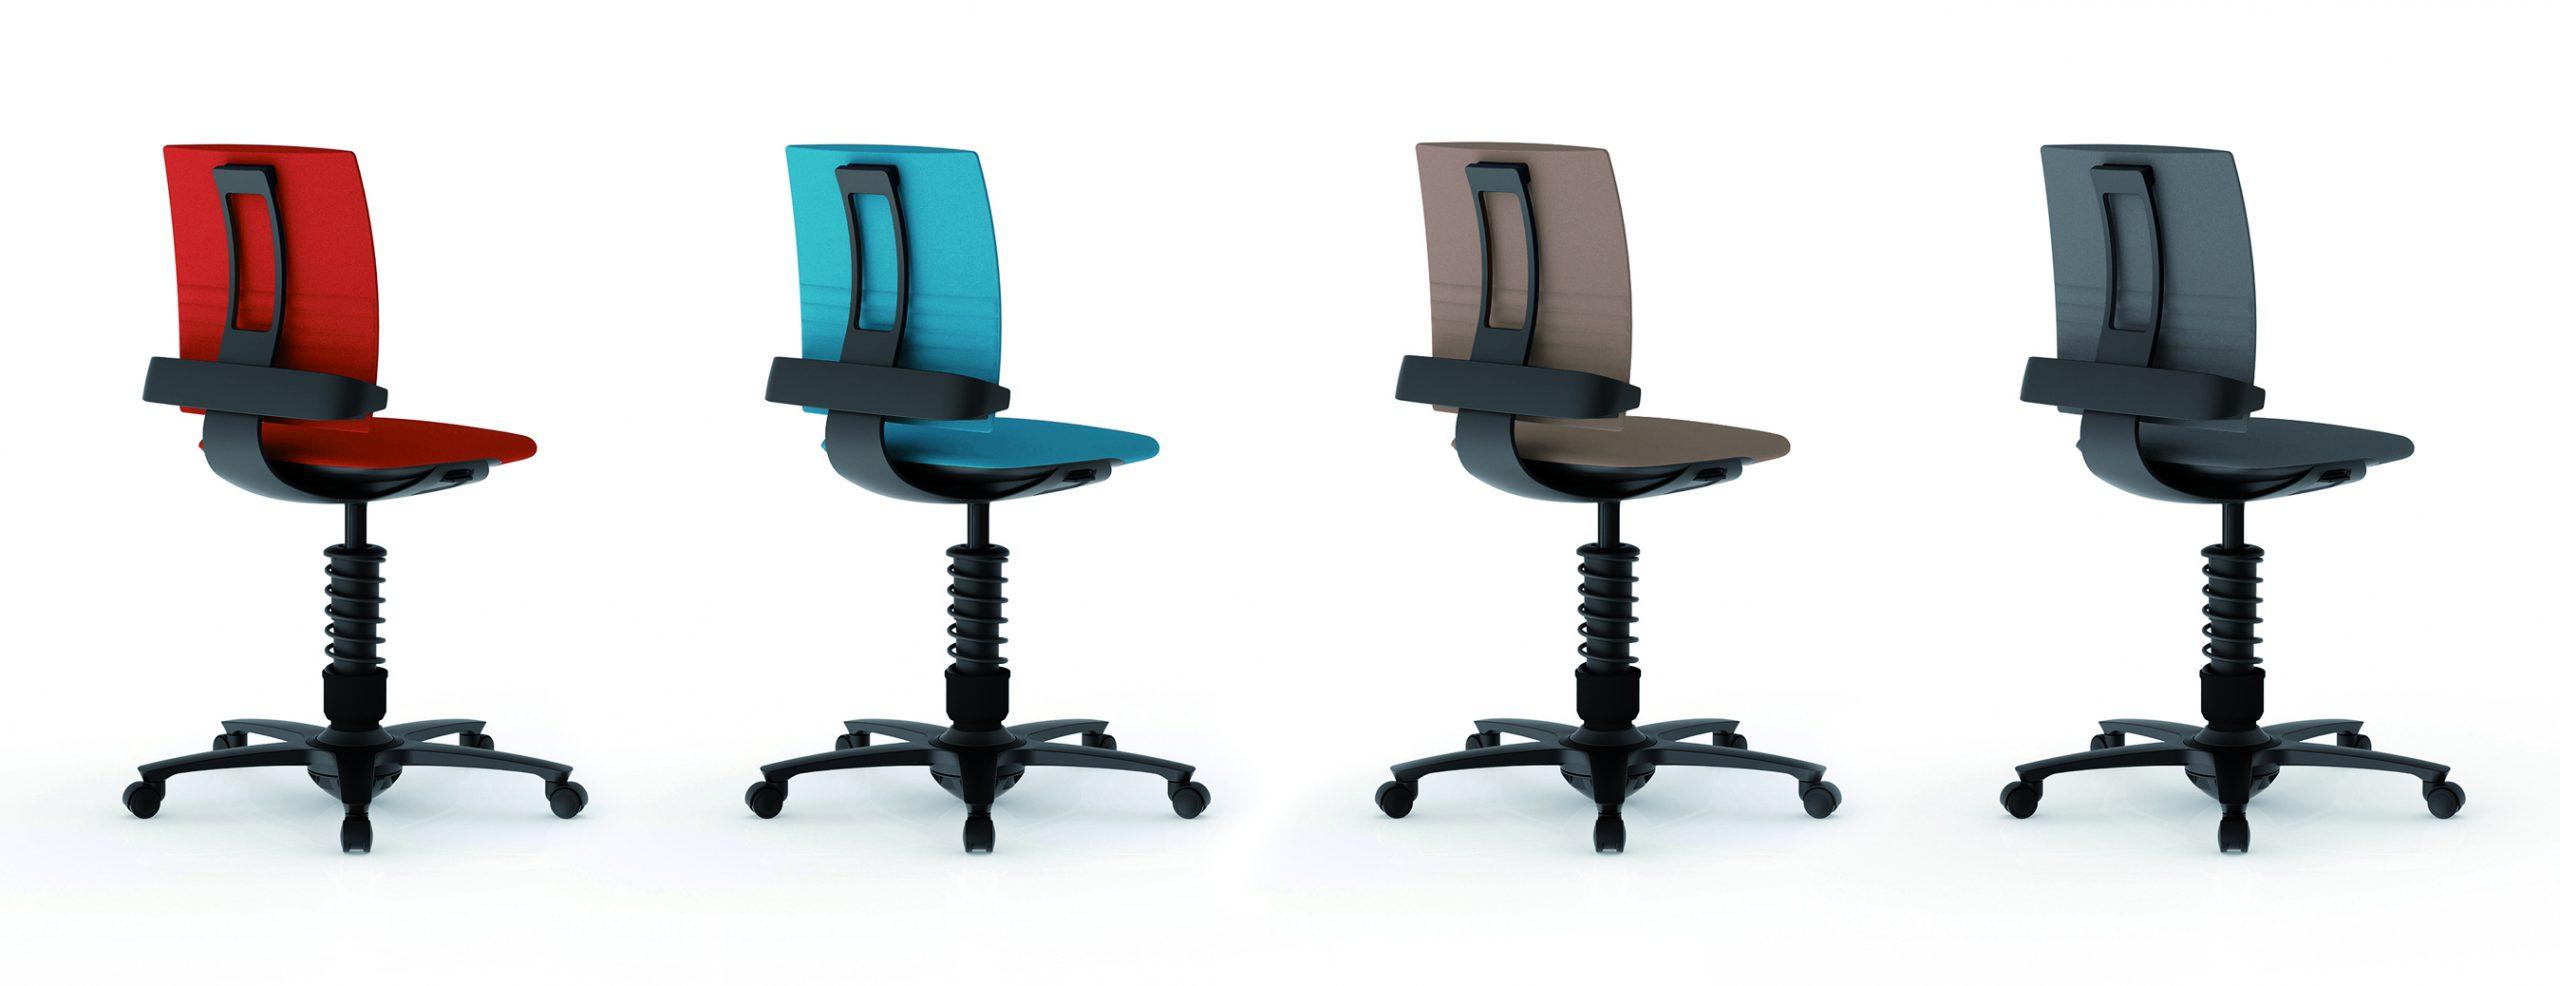 Компьютерное кресло эргономичное «Jobstick 3Dee»-3